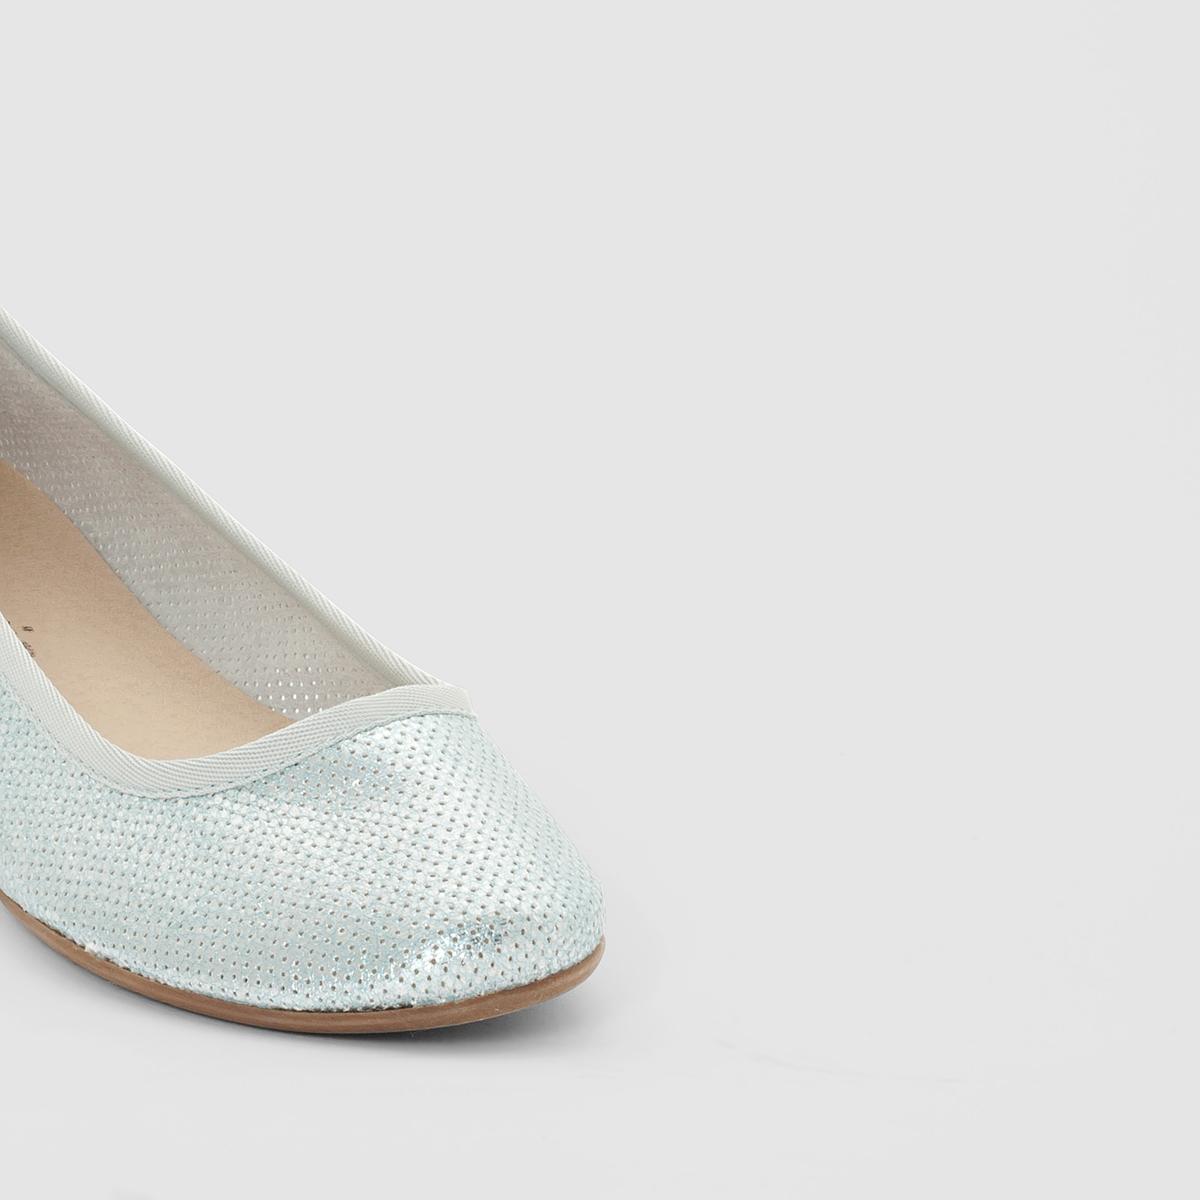 Балетки 22137-36Материал внешний/внутренний: текстиль                     Подкладка: текстиль                        Стелька: синтетический материал              Подошва: синтетический материал     Высота каблука: 1 см.   Форма каблука: плоский  Мысок: закругленный   Застежка: без застежки<br><br>Цвет: синий с блеском<br>Размер: 39